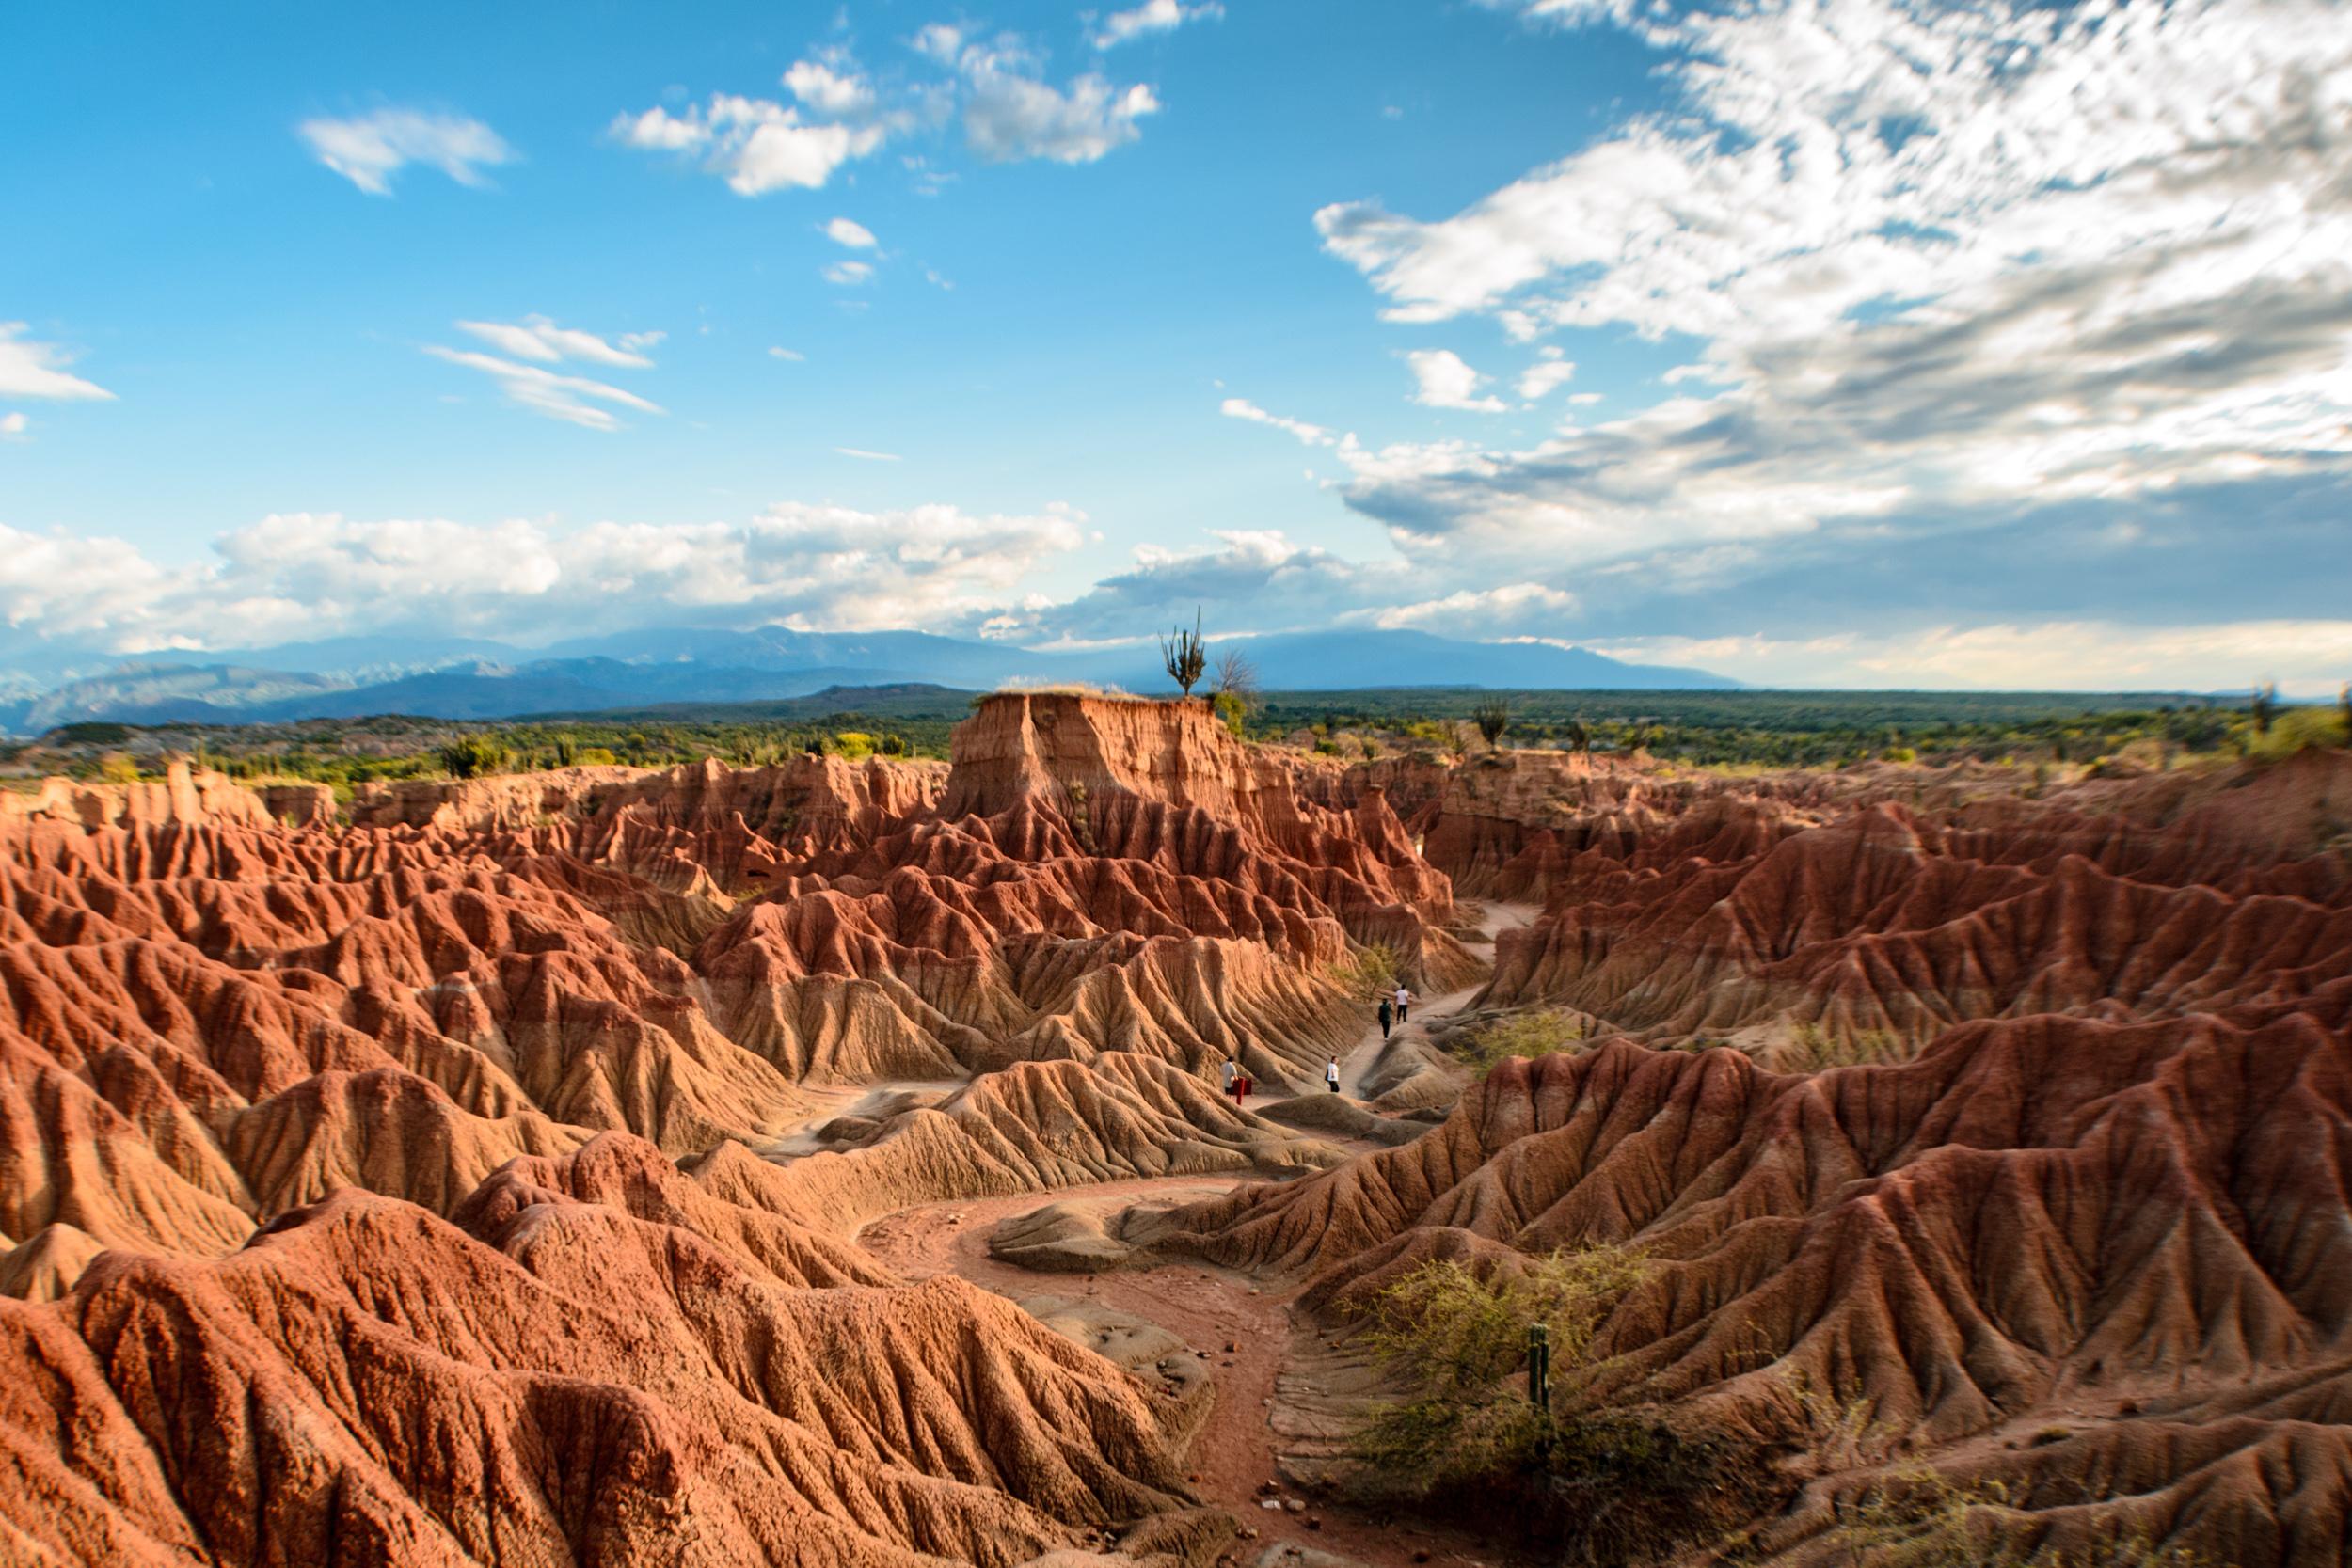 Archivo:Desierto de La Tatacoa.jpg - Wikipedia, la enciclopedia libre